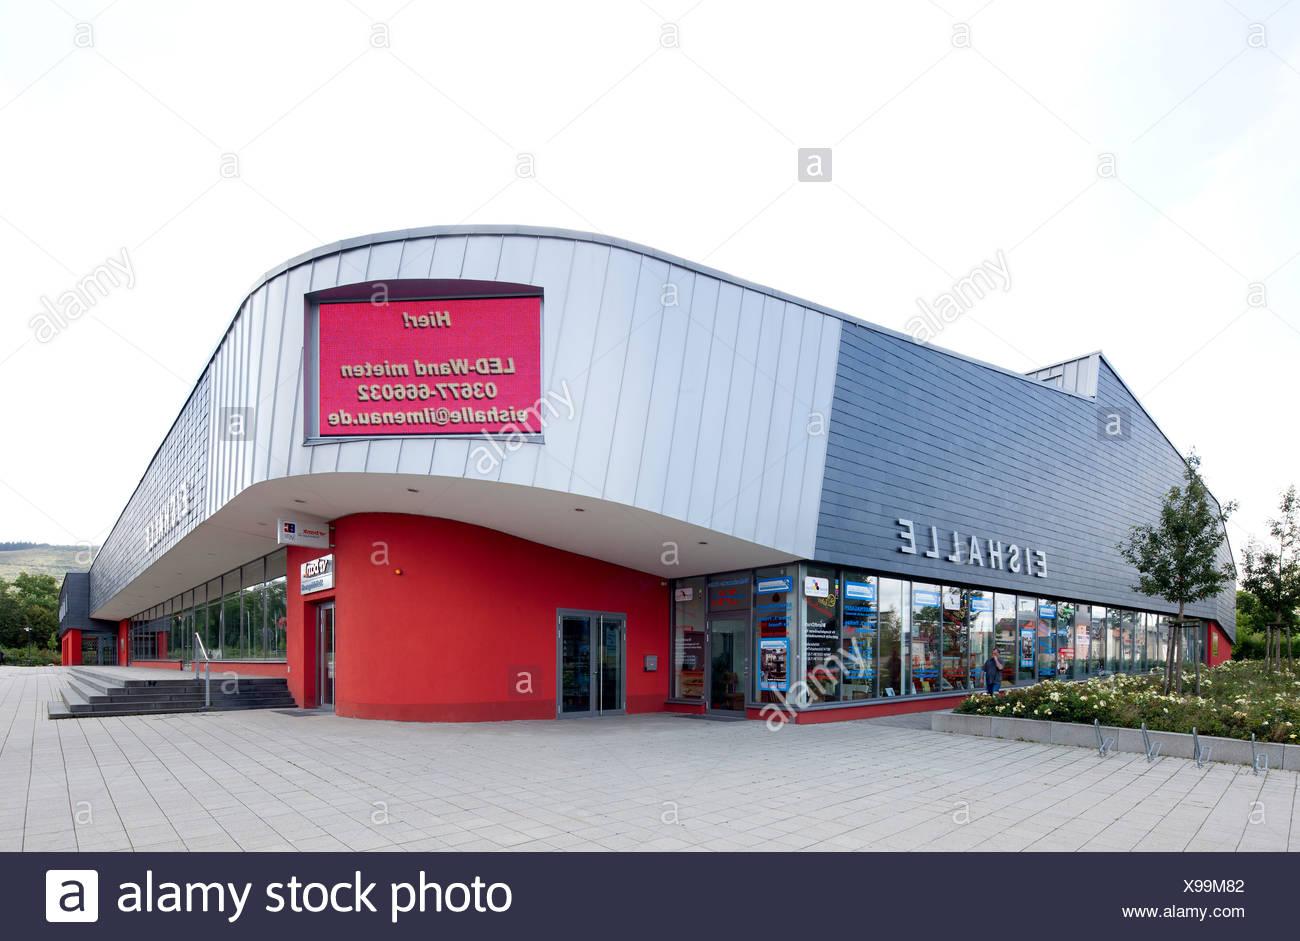 Eishalle Ilmenau, une patinoire et de divertissement, Ilmenau, Thuringe, Allemagne, Europe, PublicGround Photo Stock